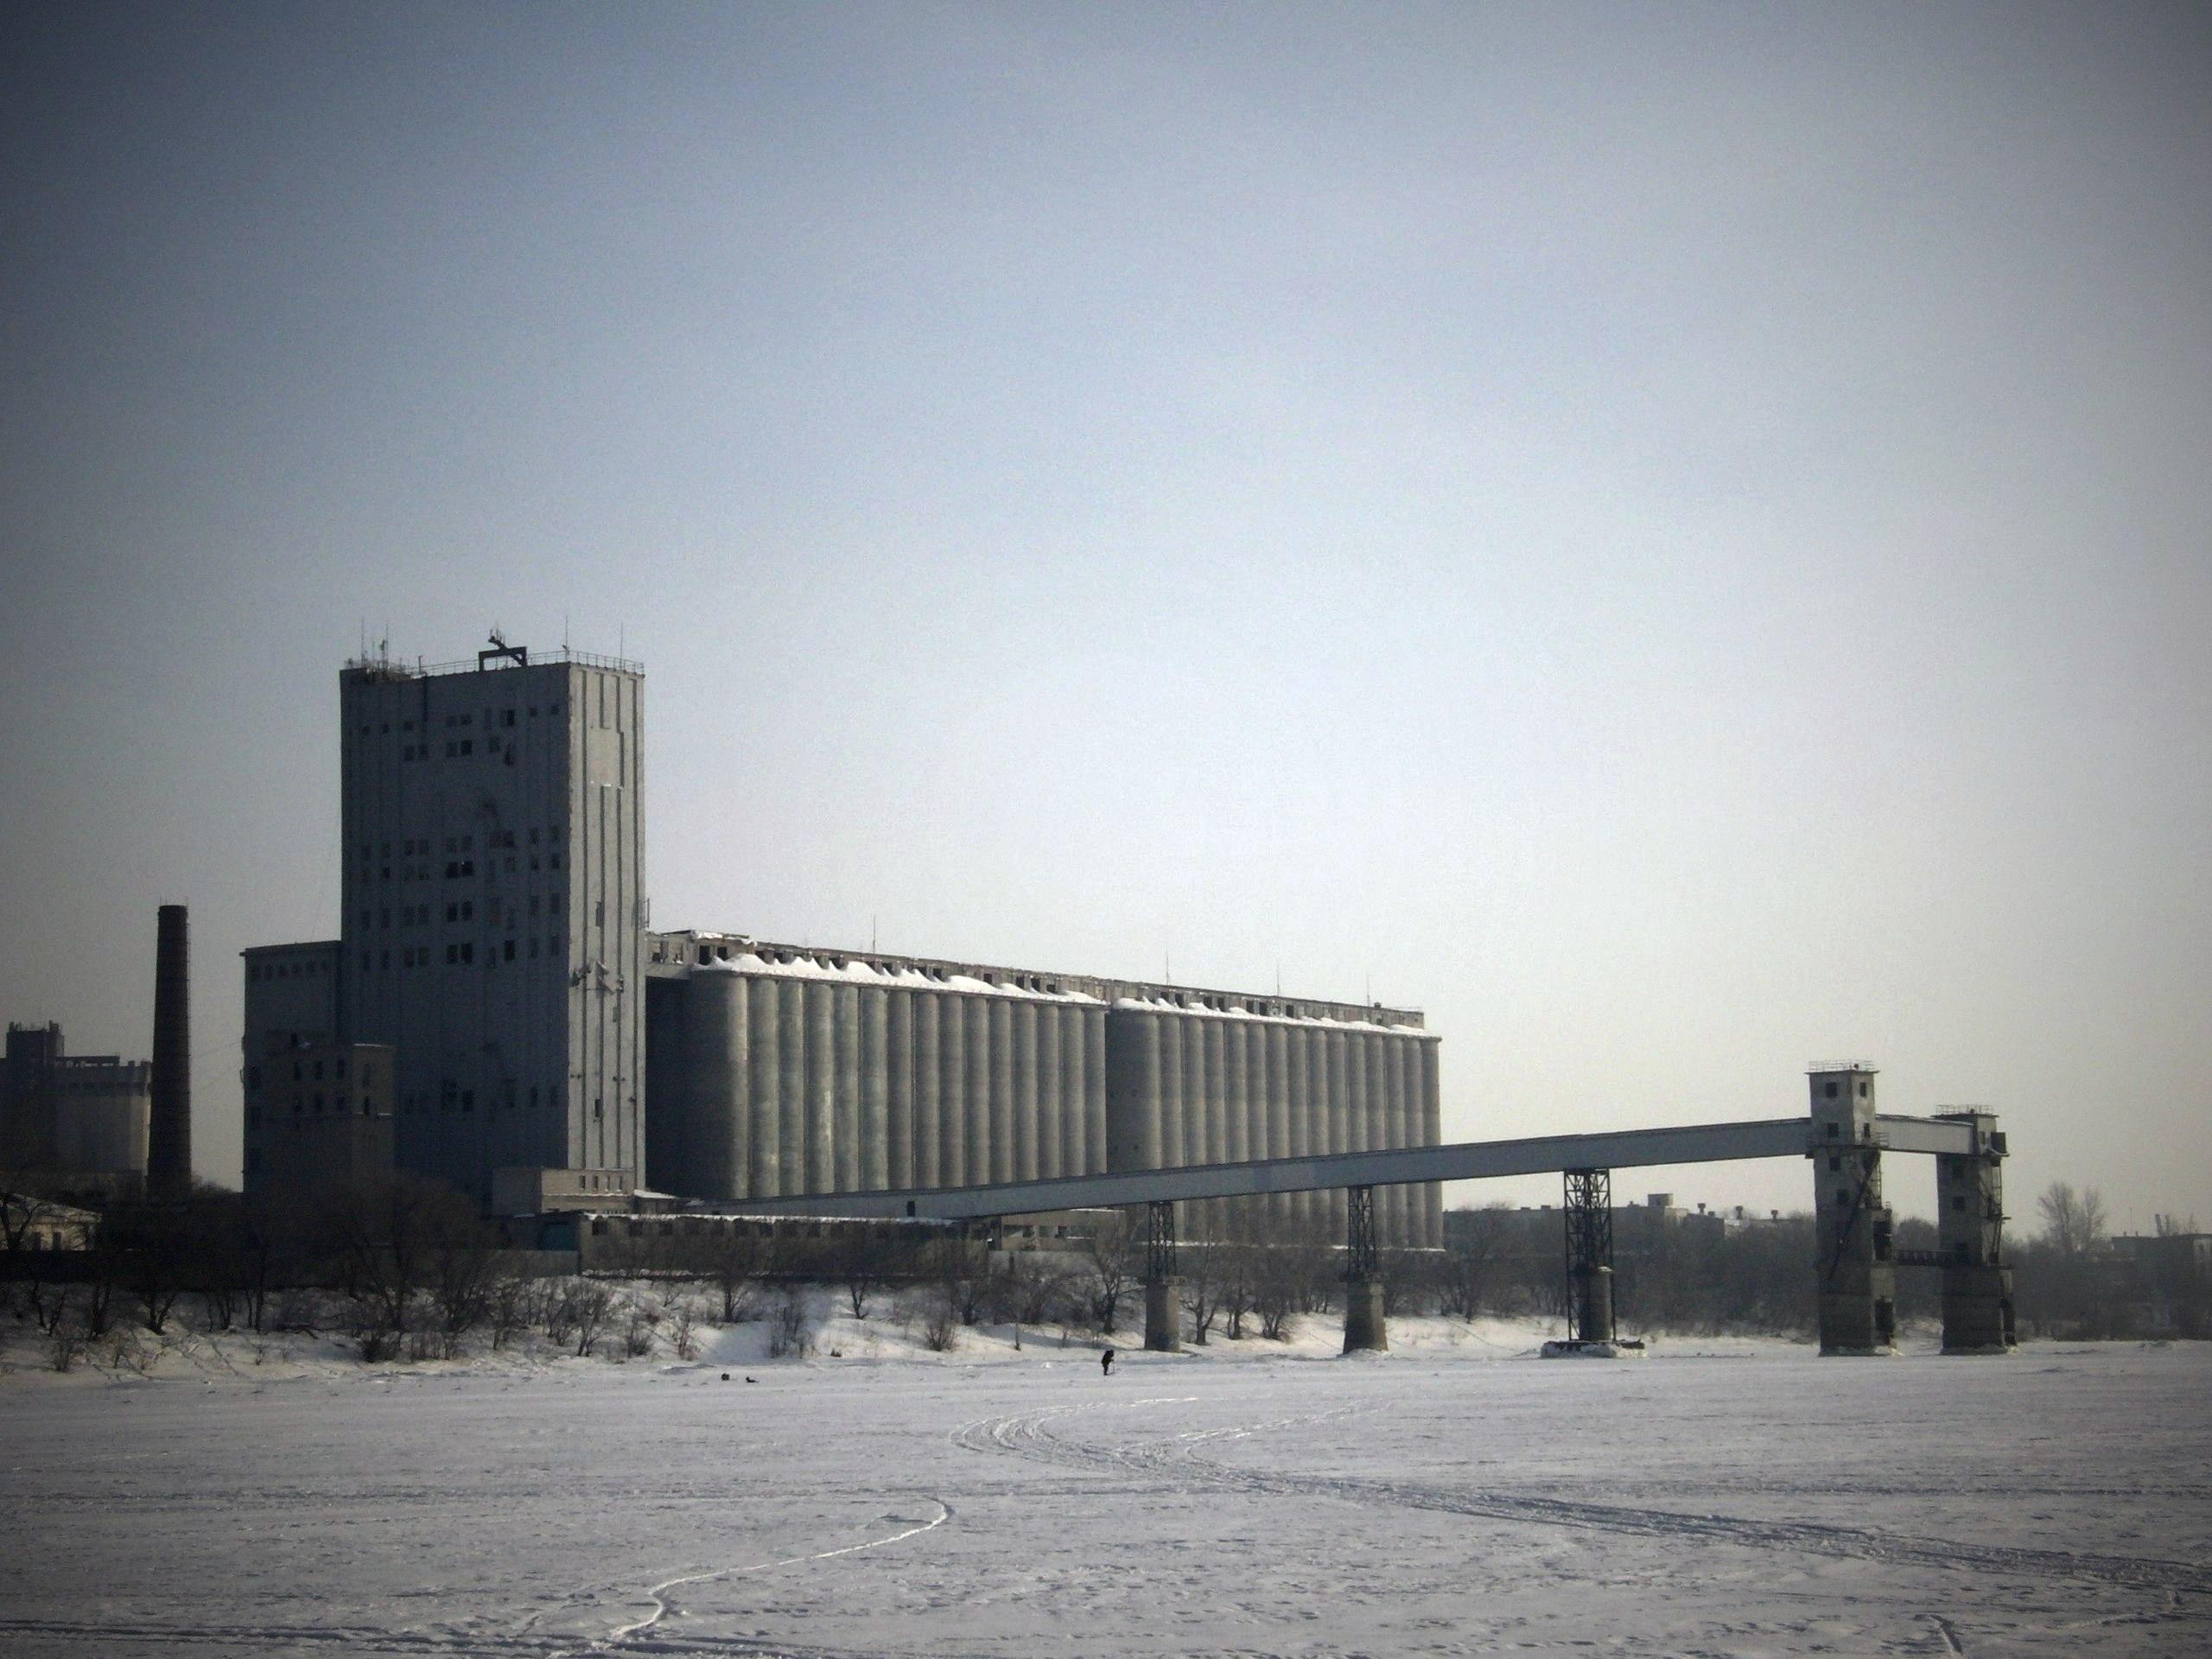 Элеваторы в самарской области фольксваген транспортер цены грузопассажирский